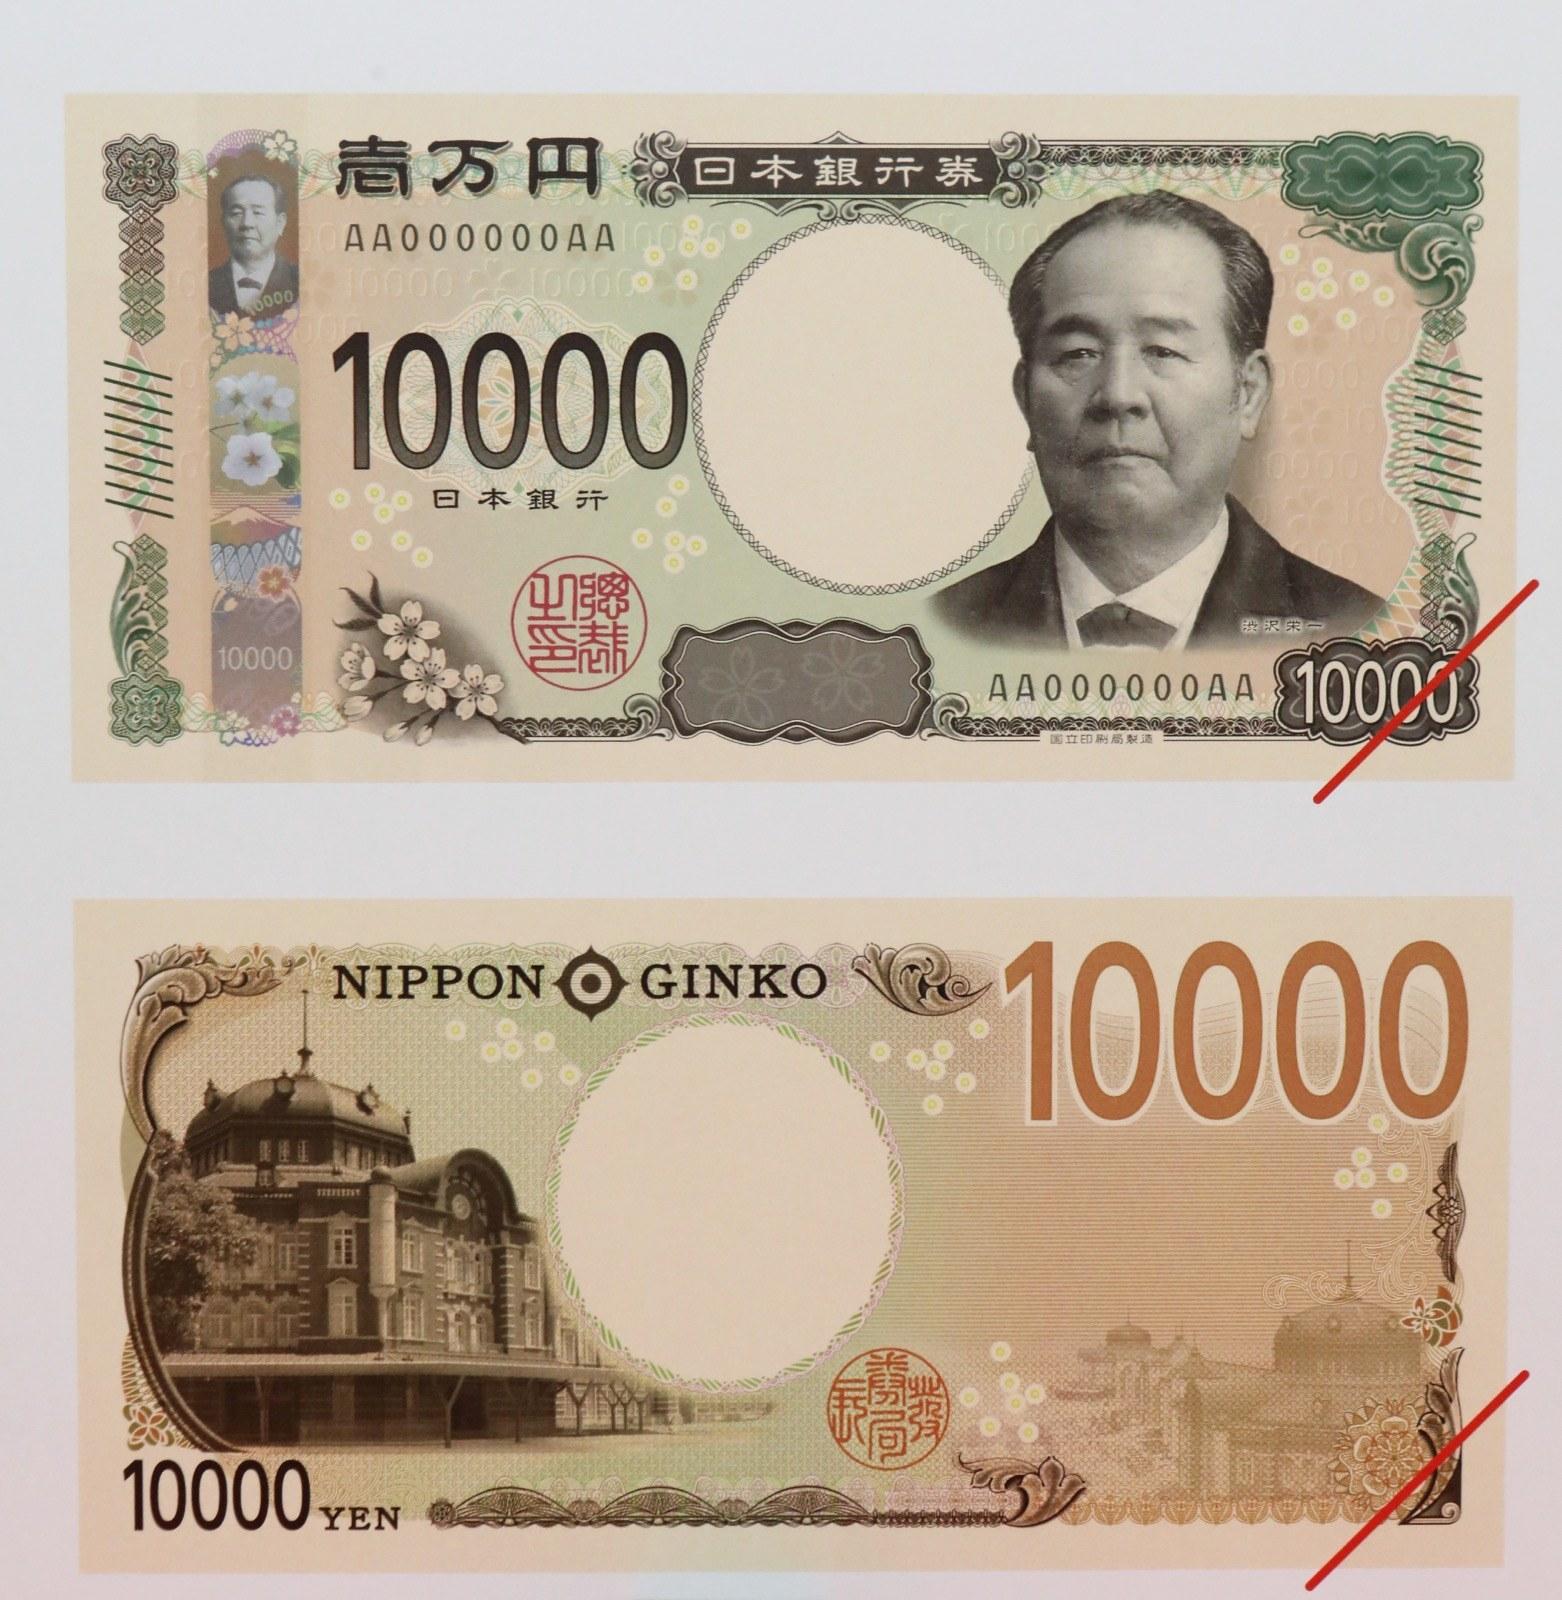 新1万円札のイメージ。「日本資本主義の父」とも